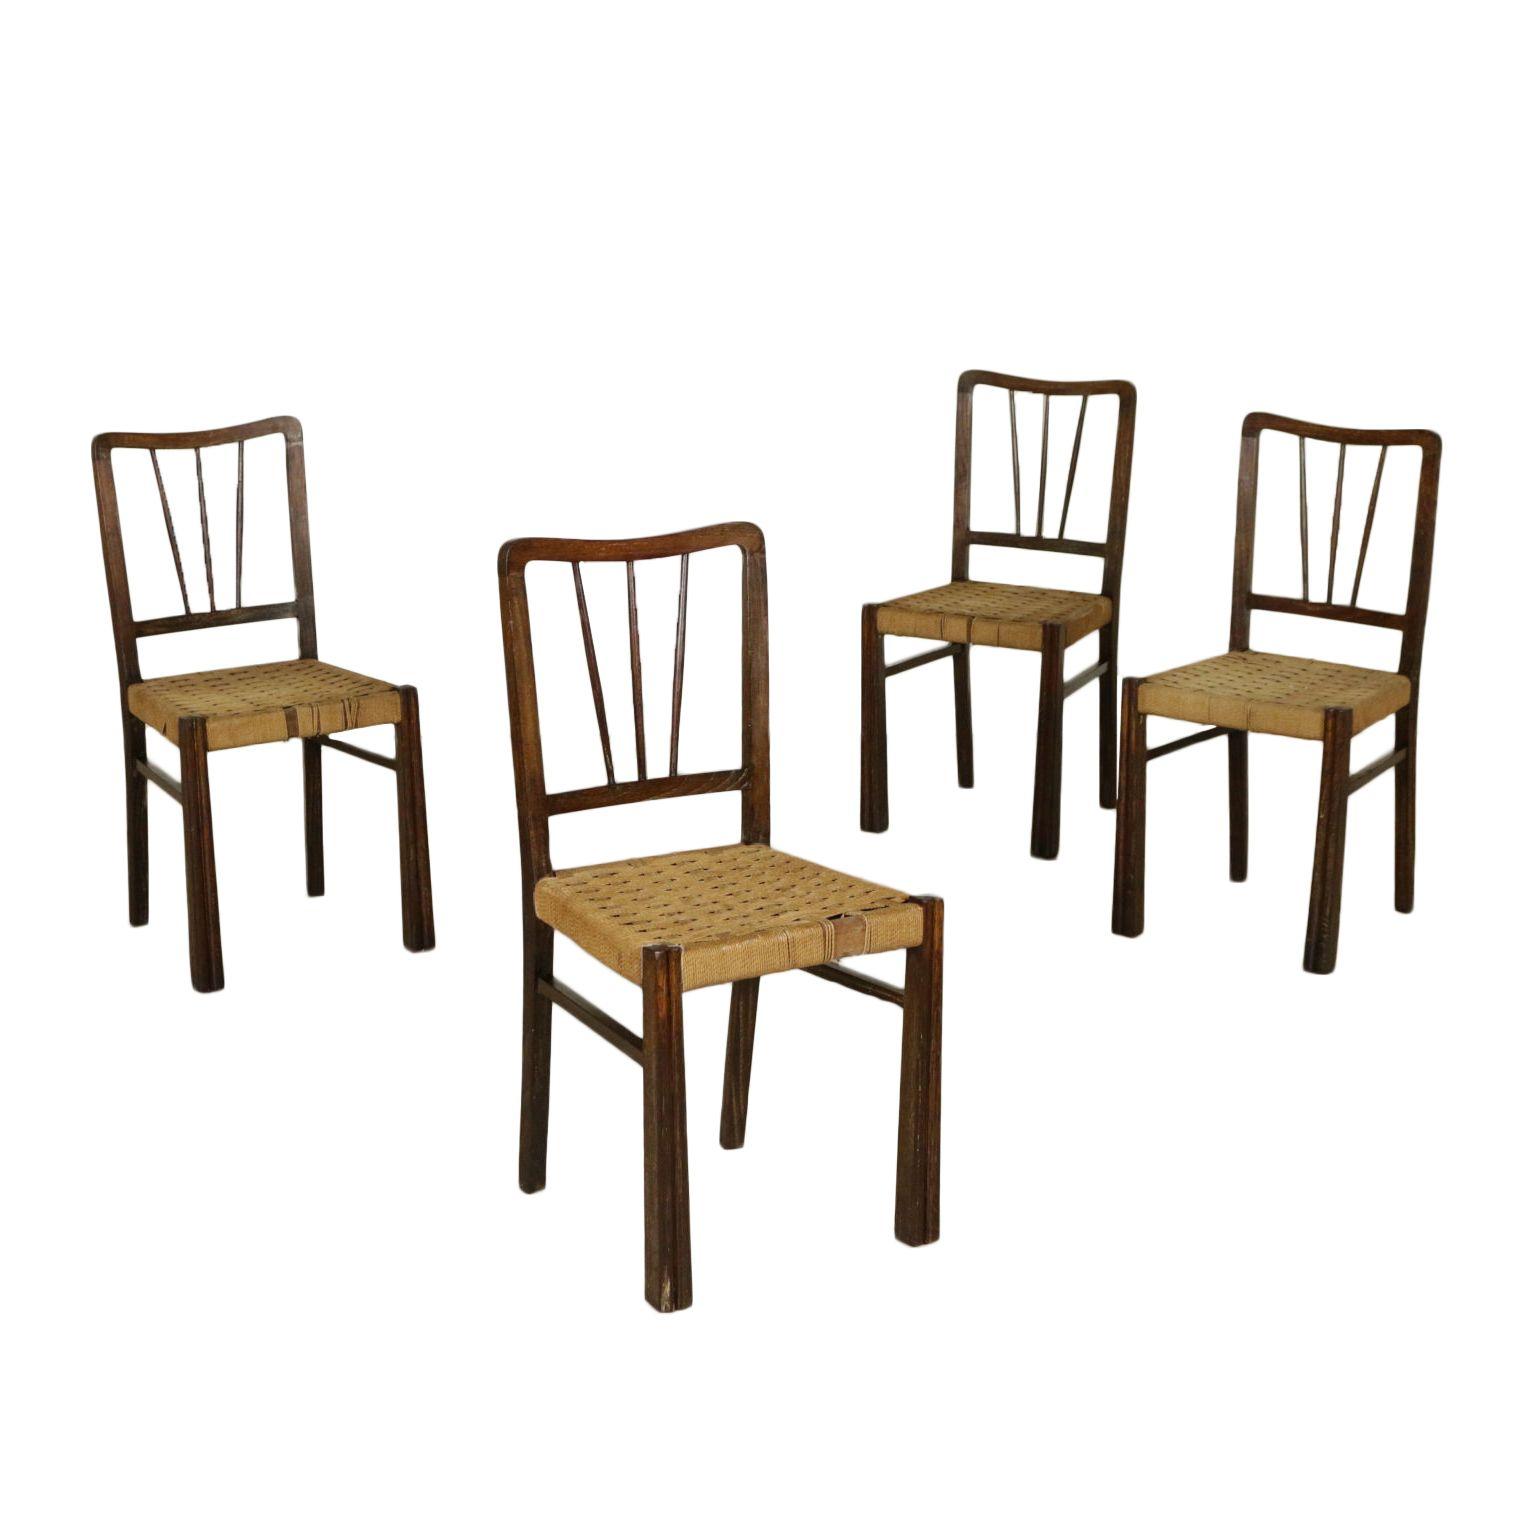 Chaises Annees 50 Chaises D Epoque Chaise Annee 50 Et Chaise